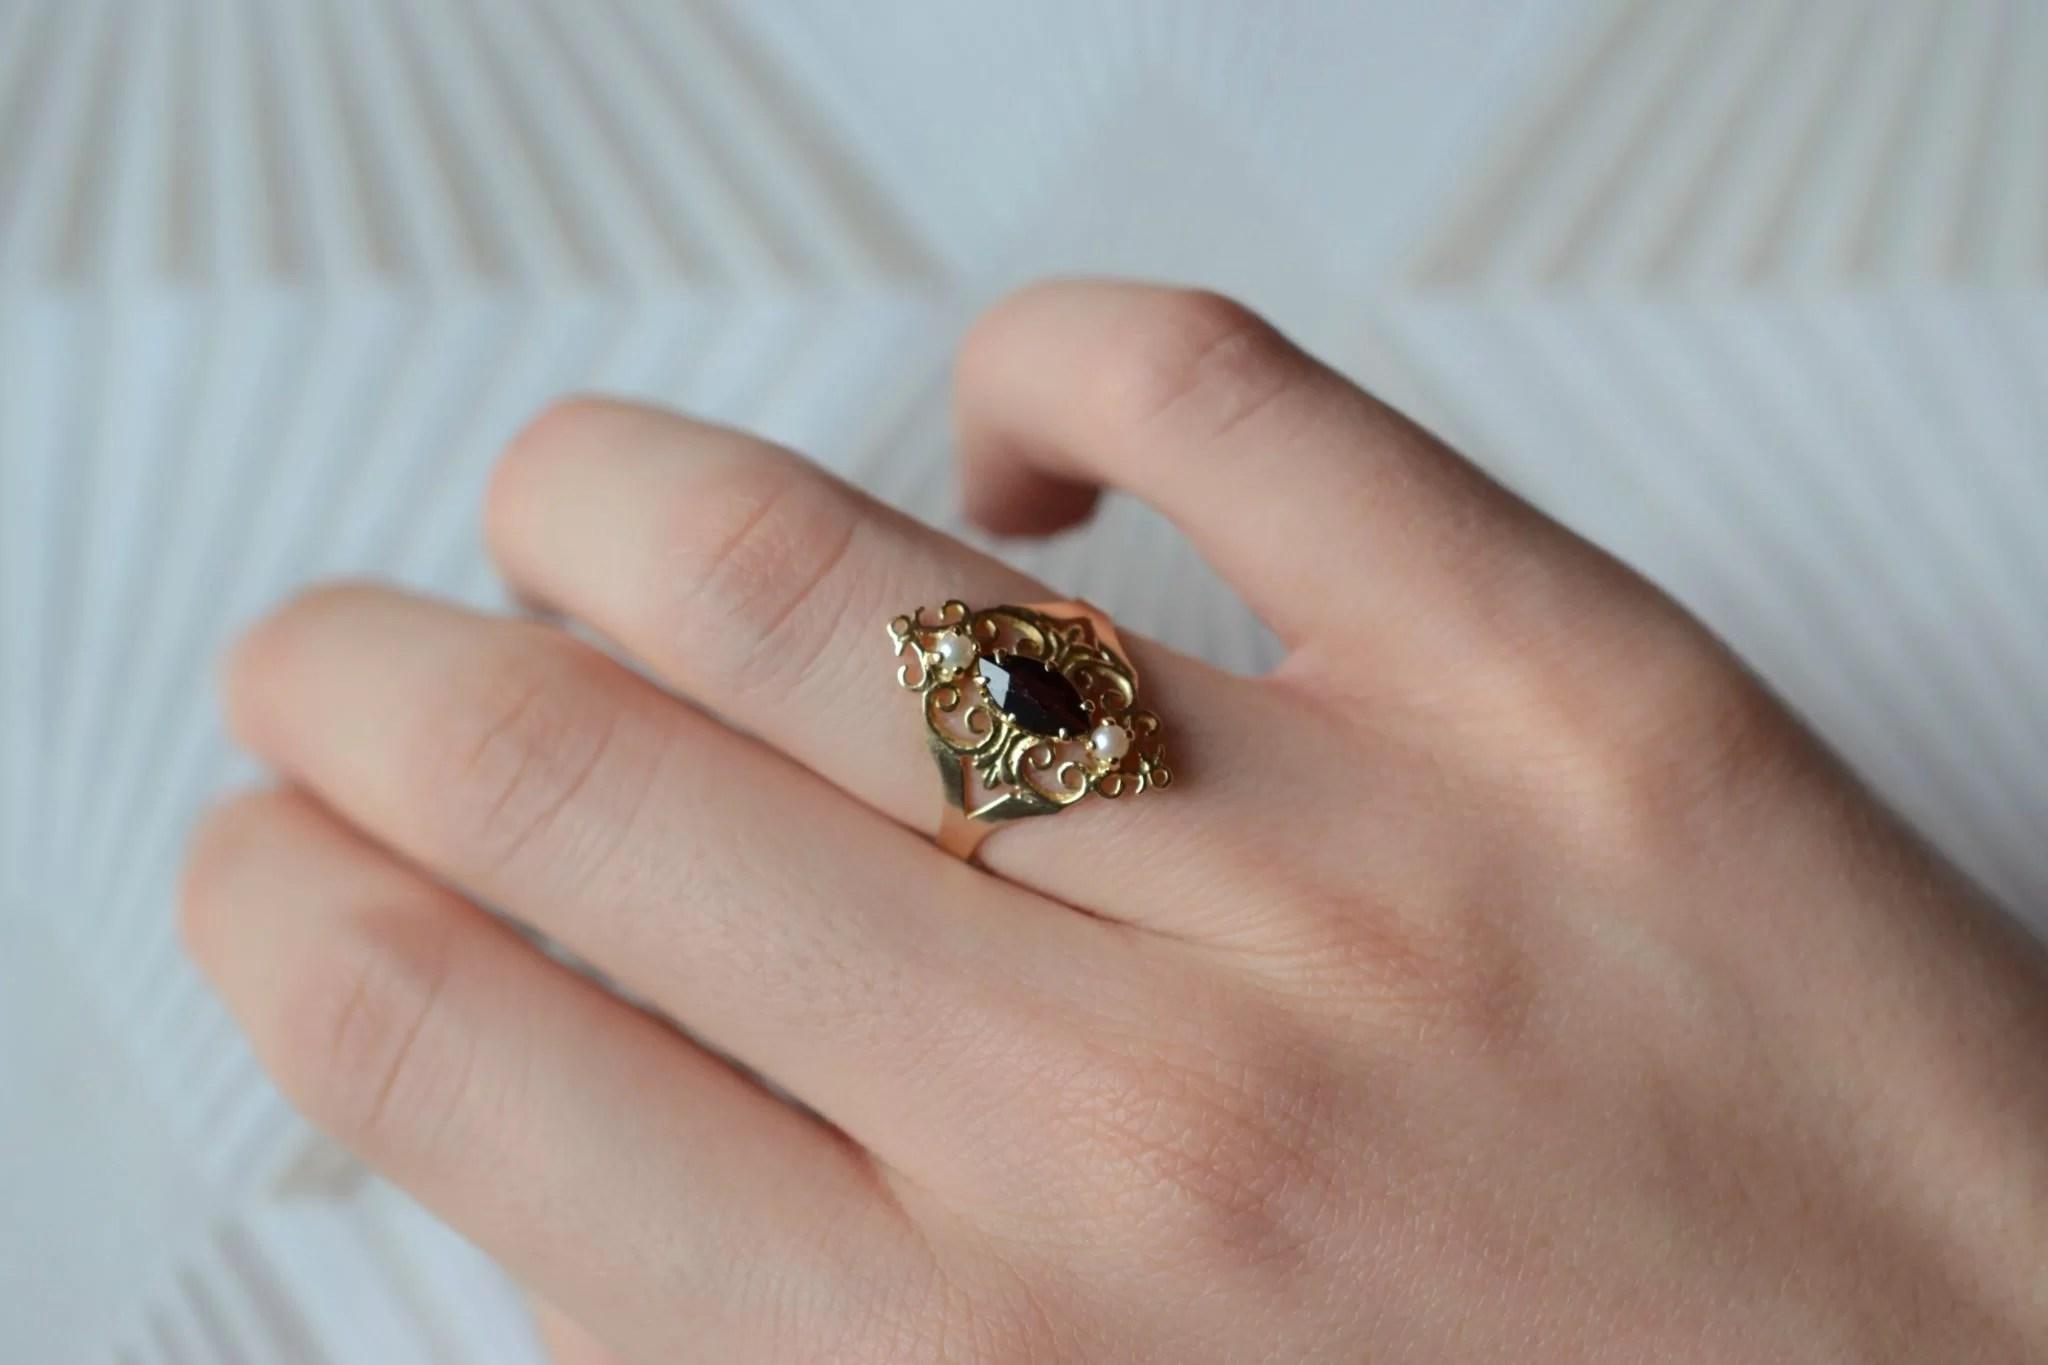 Bague en Or jaune ornée d_une pierre bordeaux accompagnée de deux perles - bague éthique